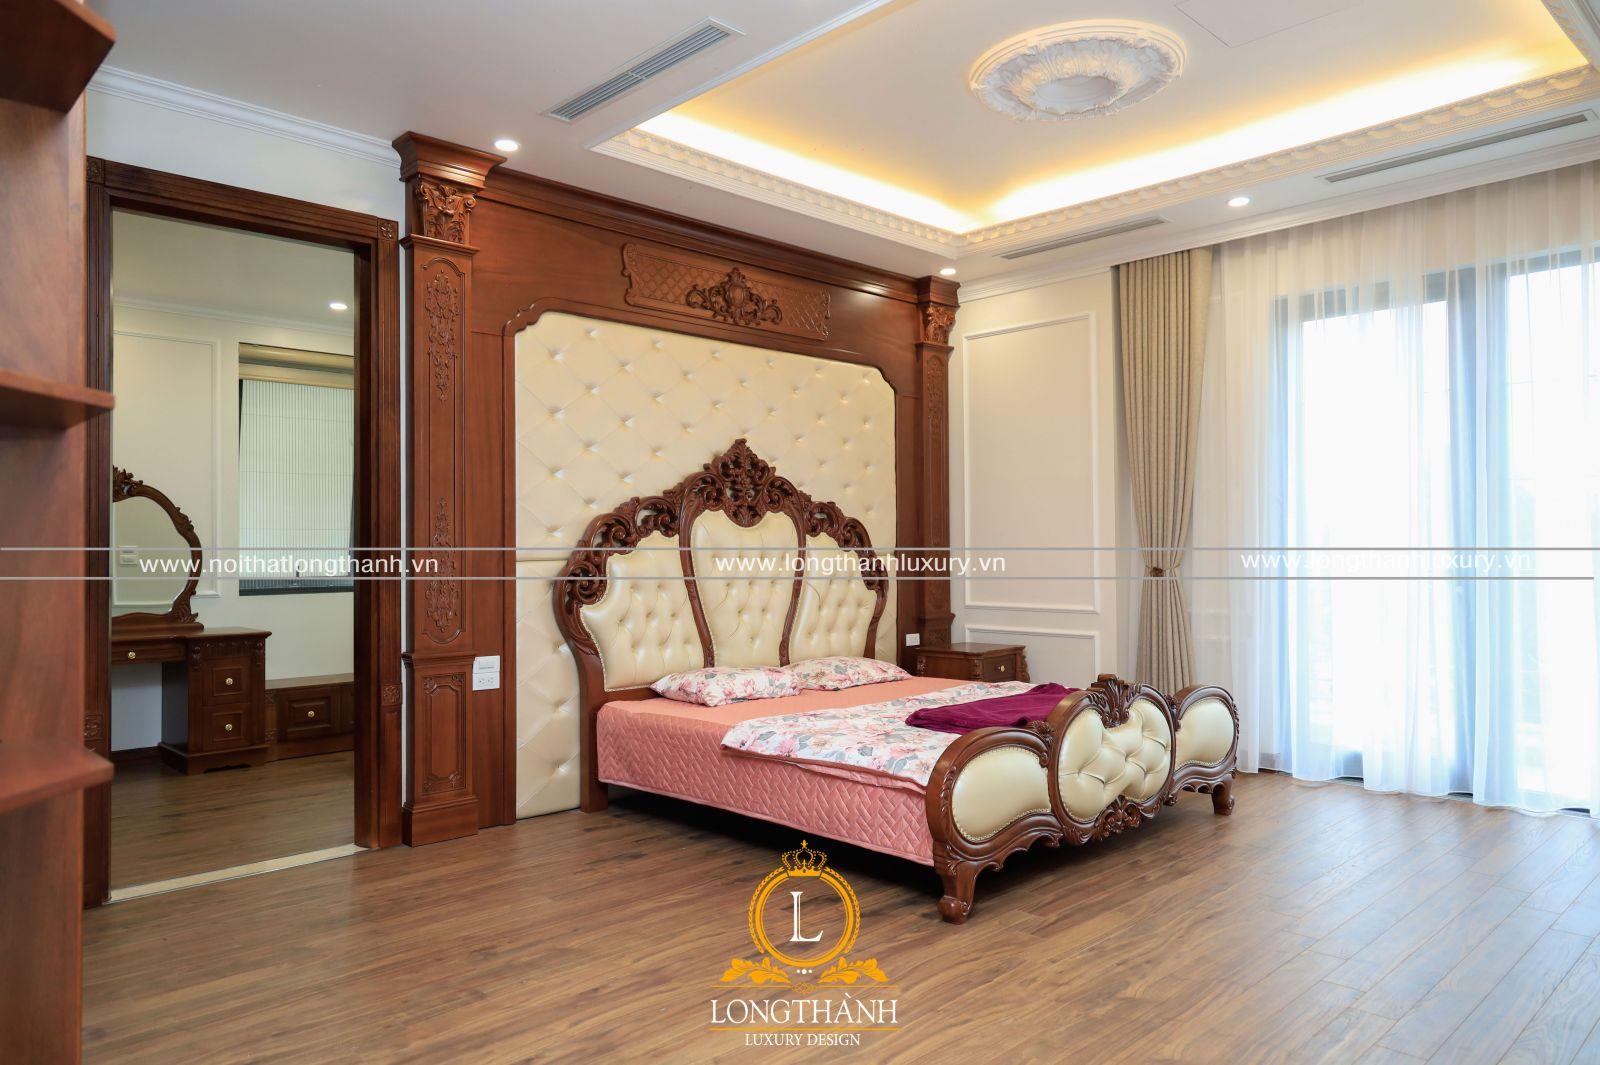 Phòng ngủ Master ấm cúng, sang trọng và quý phái